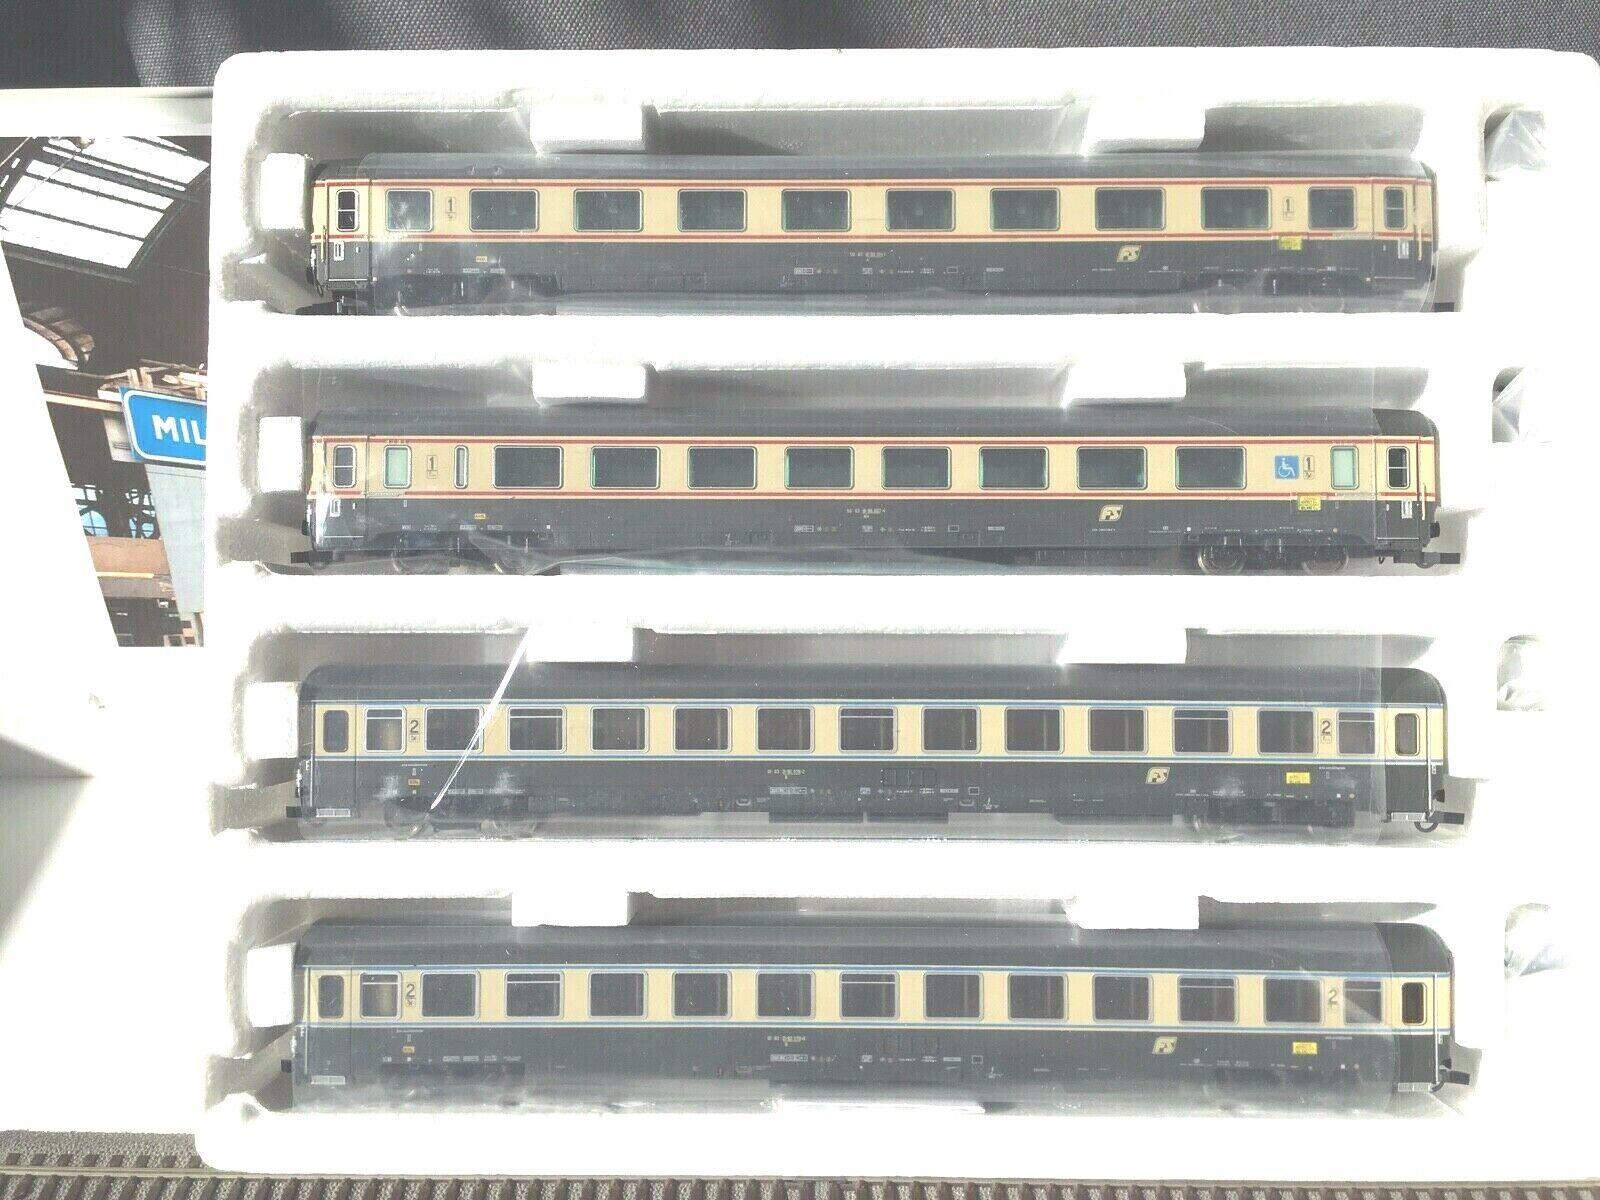 nuevo estilo Acme 55011 set IC Vesuvio, Vesuvio, Vesuvio, muy raras, top   Envio gratis en todas las ordenes